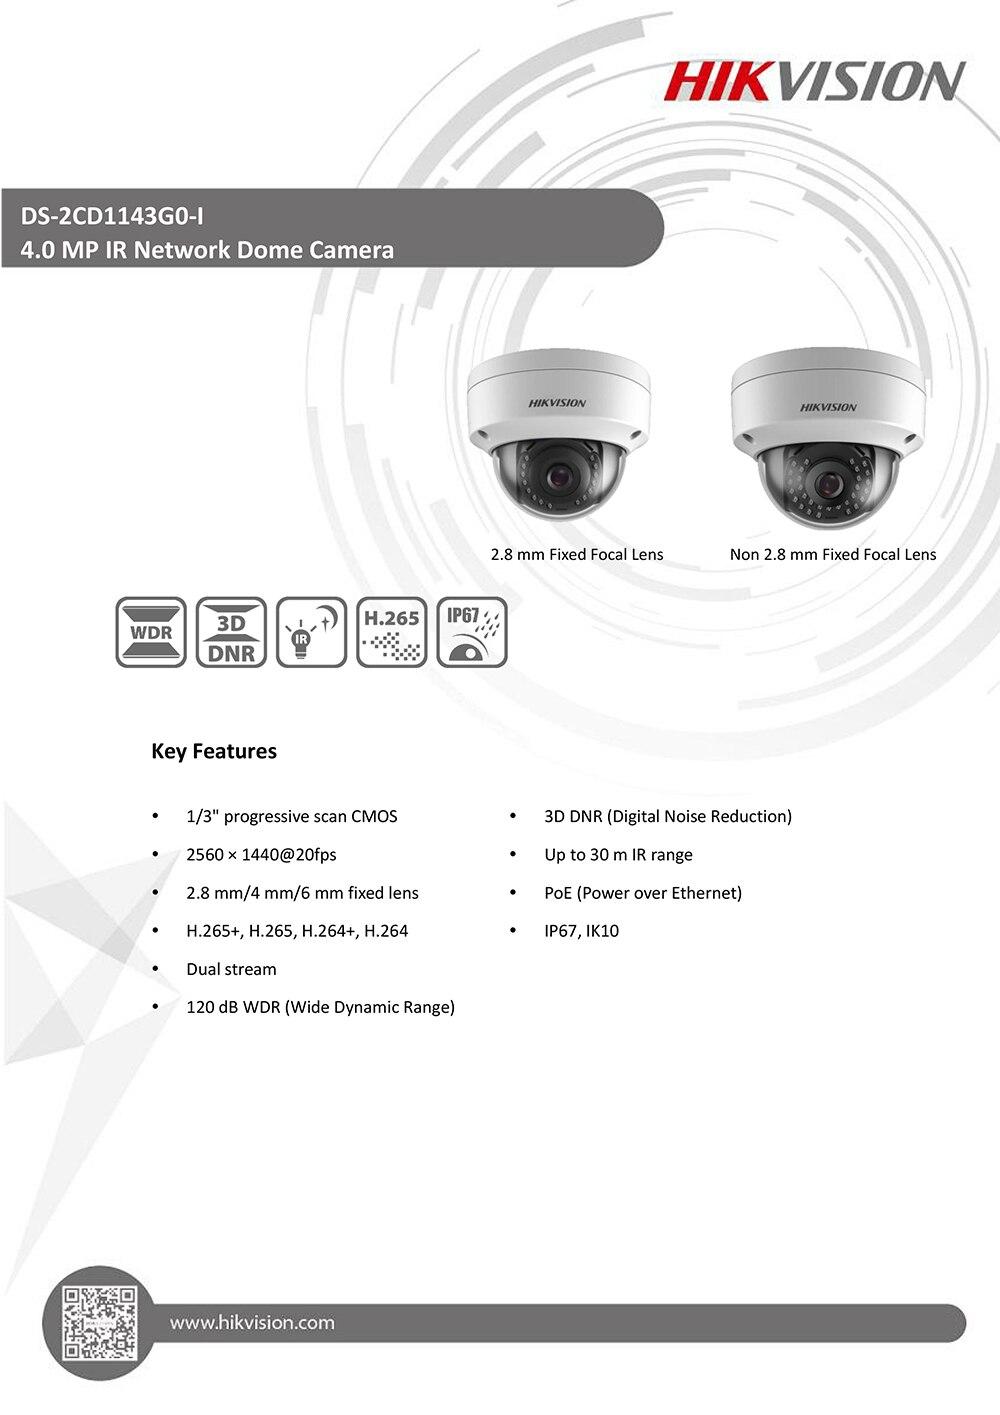 Datasheet of DS-2CD1143G0-I_V5.5.3_20180502-1